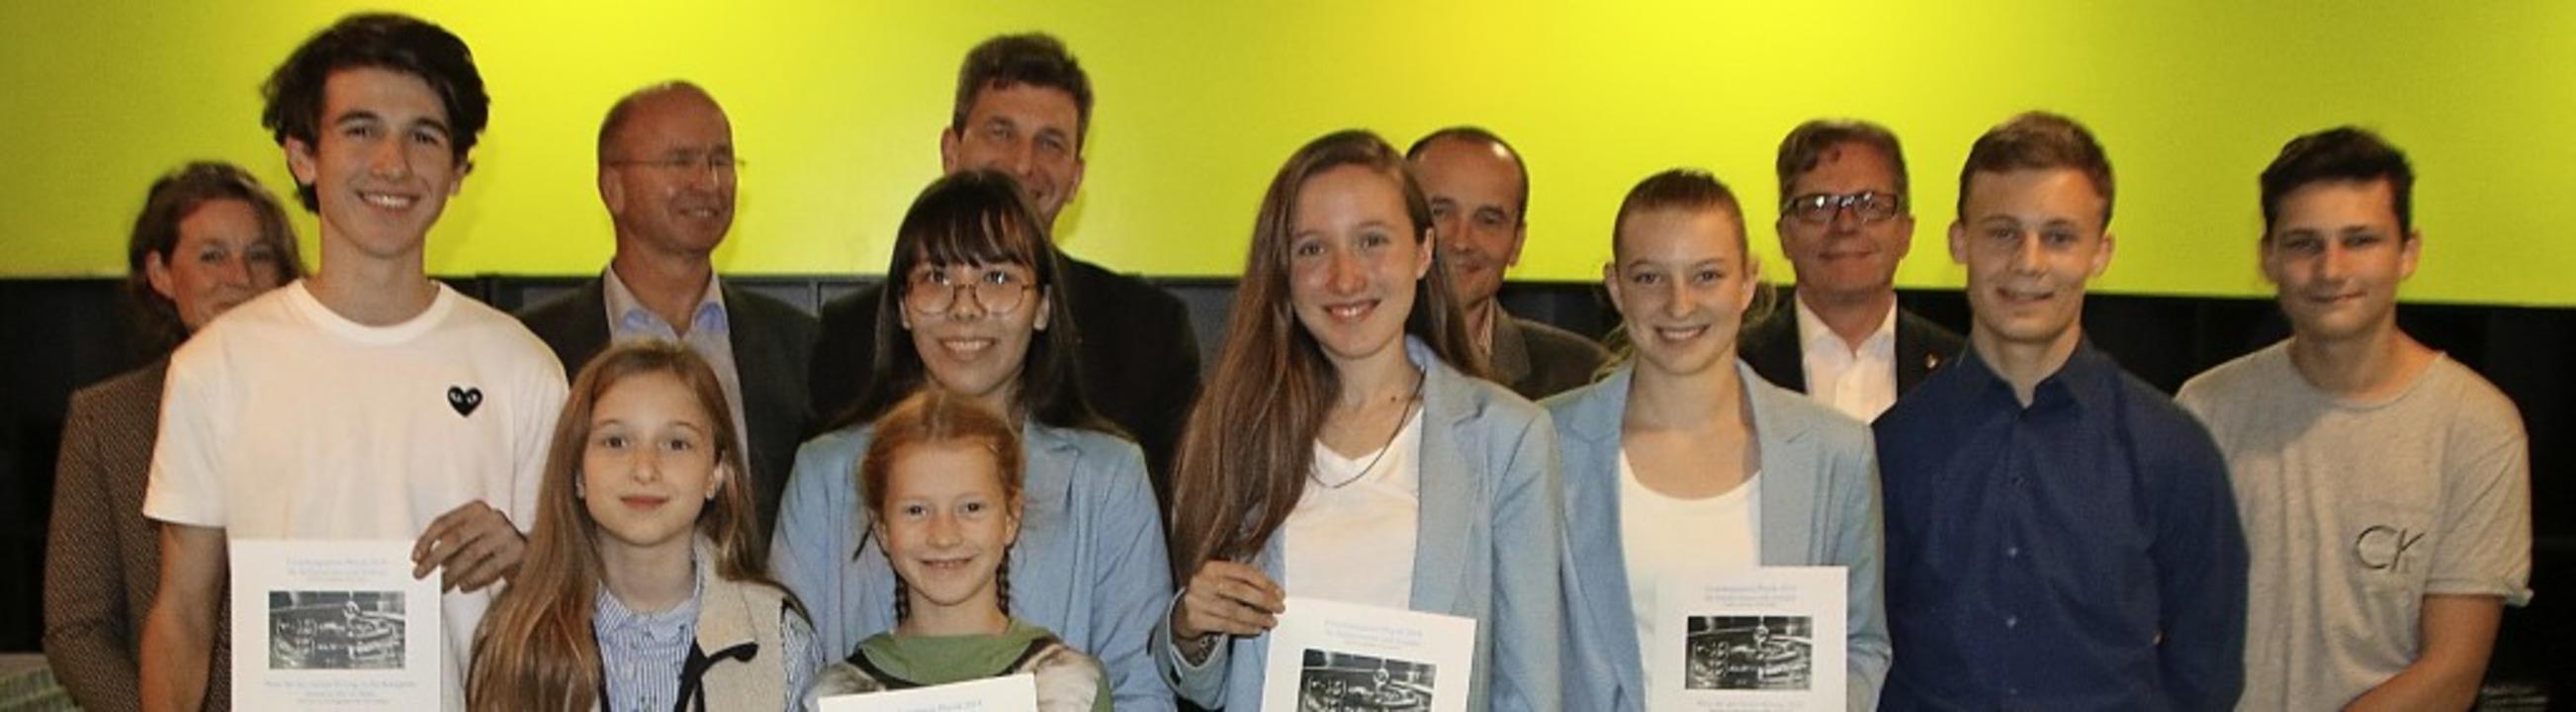 Die Jury und die Preisträger des Rotary-Schülerforschungspreises  | Foto: Rotary-Club Lörrach